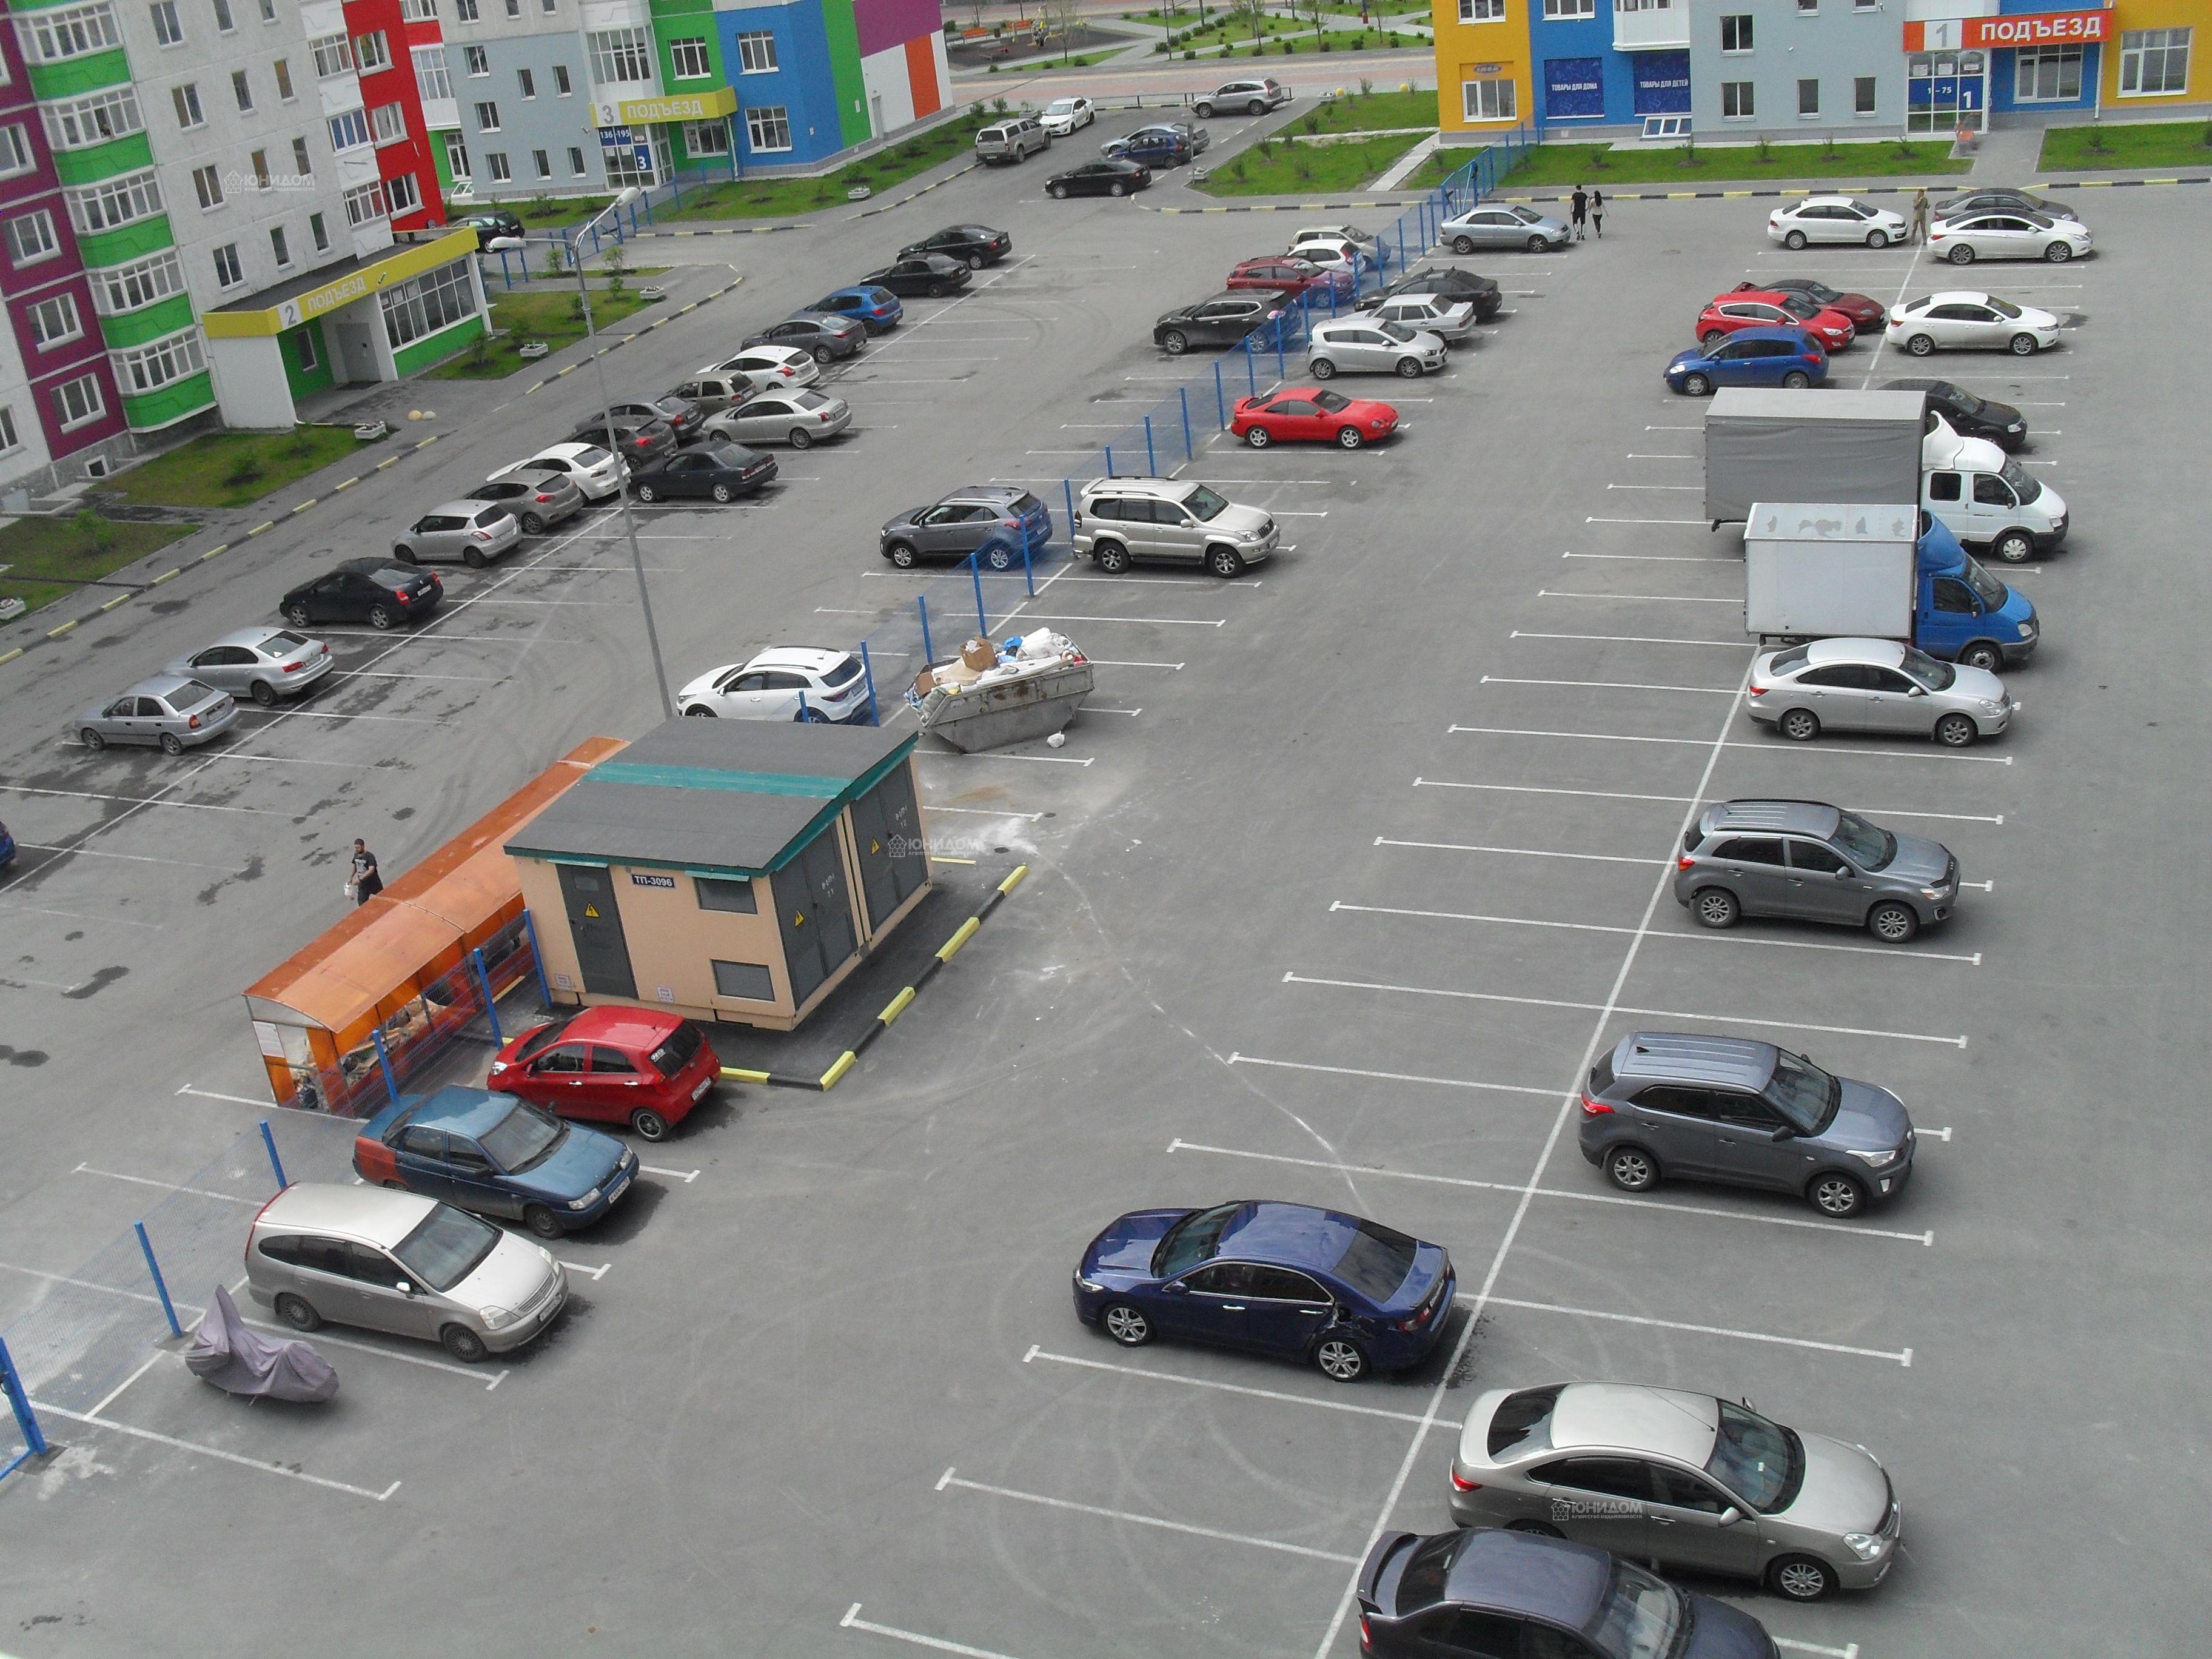 Продам инд по адресу Россия, Тюменская область, Тюмень, Федюнинского, 56 фото 16 по выгодной цене